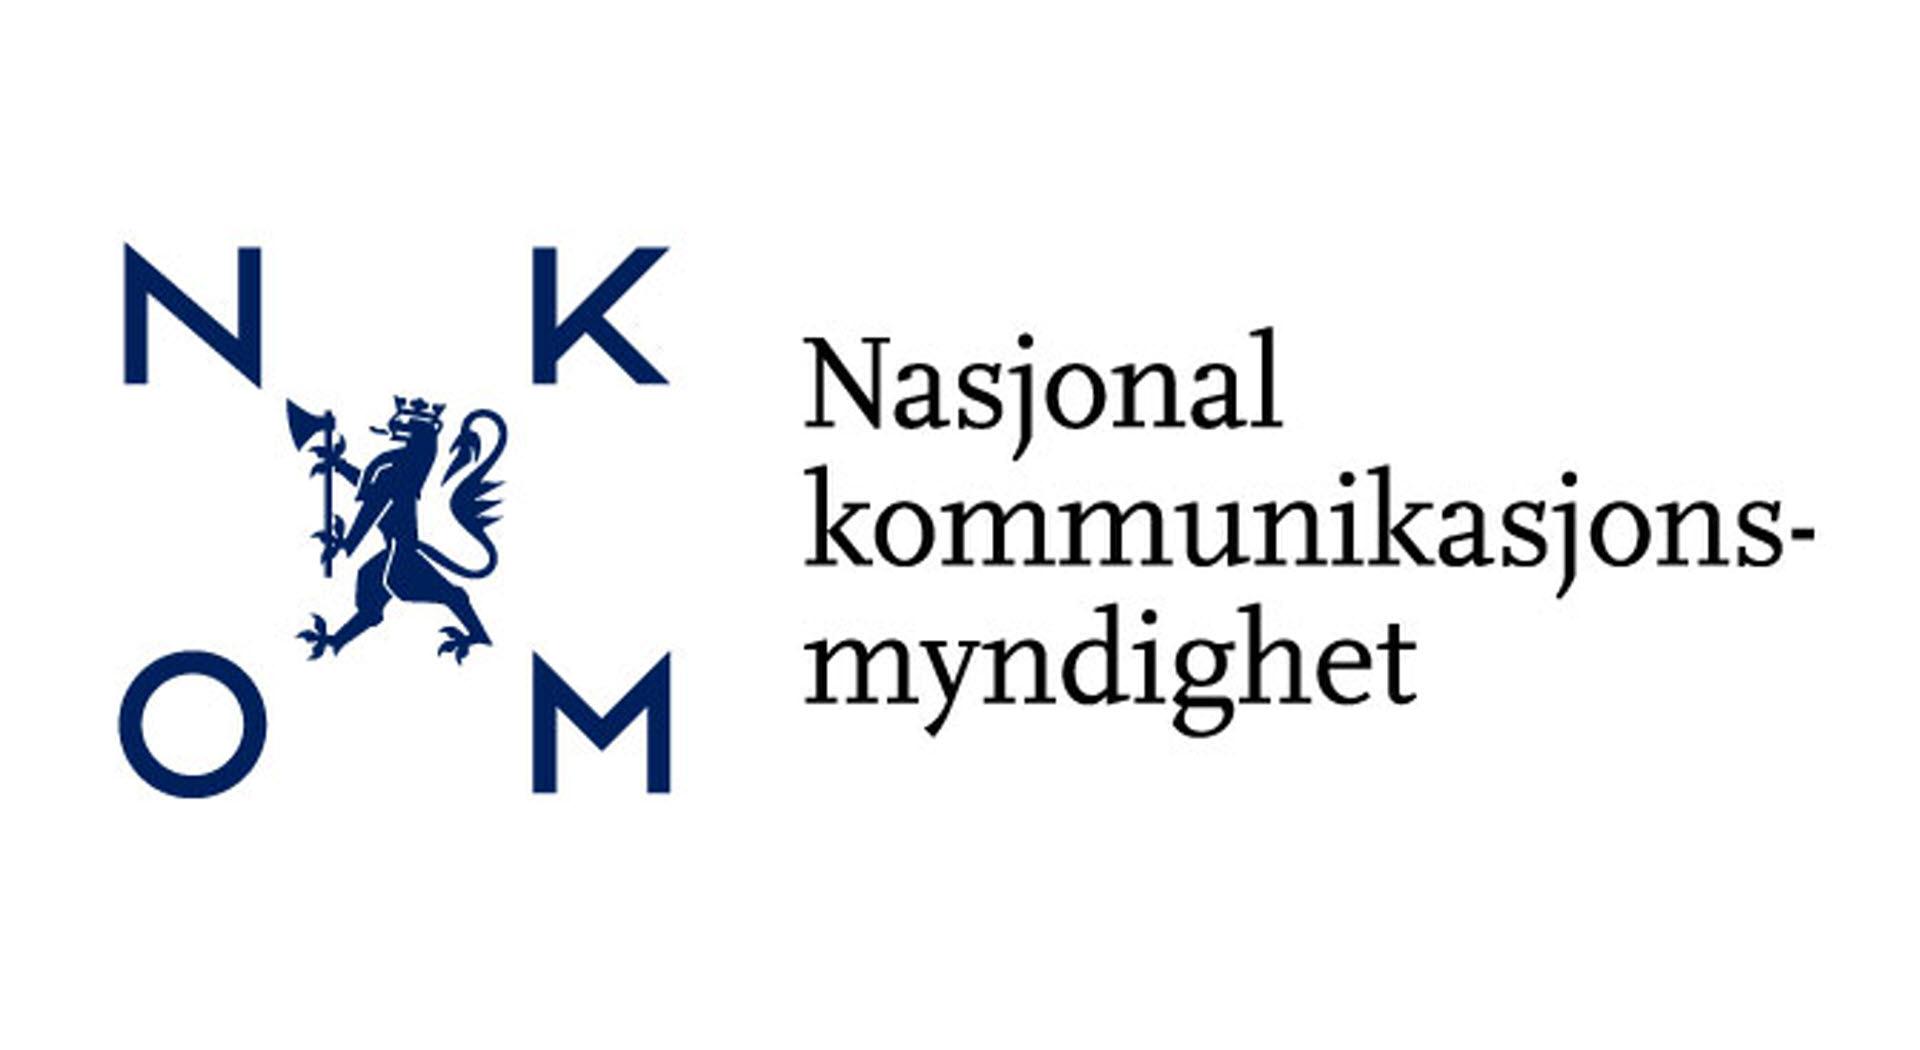 Nasjonal kommunikasjonsmyndighet søker IT-arkitekt